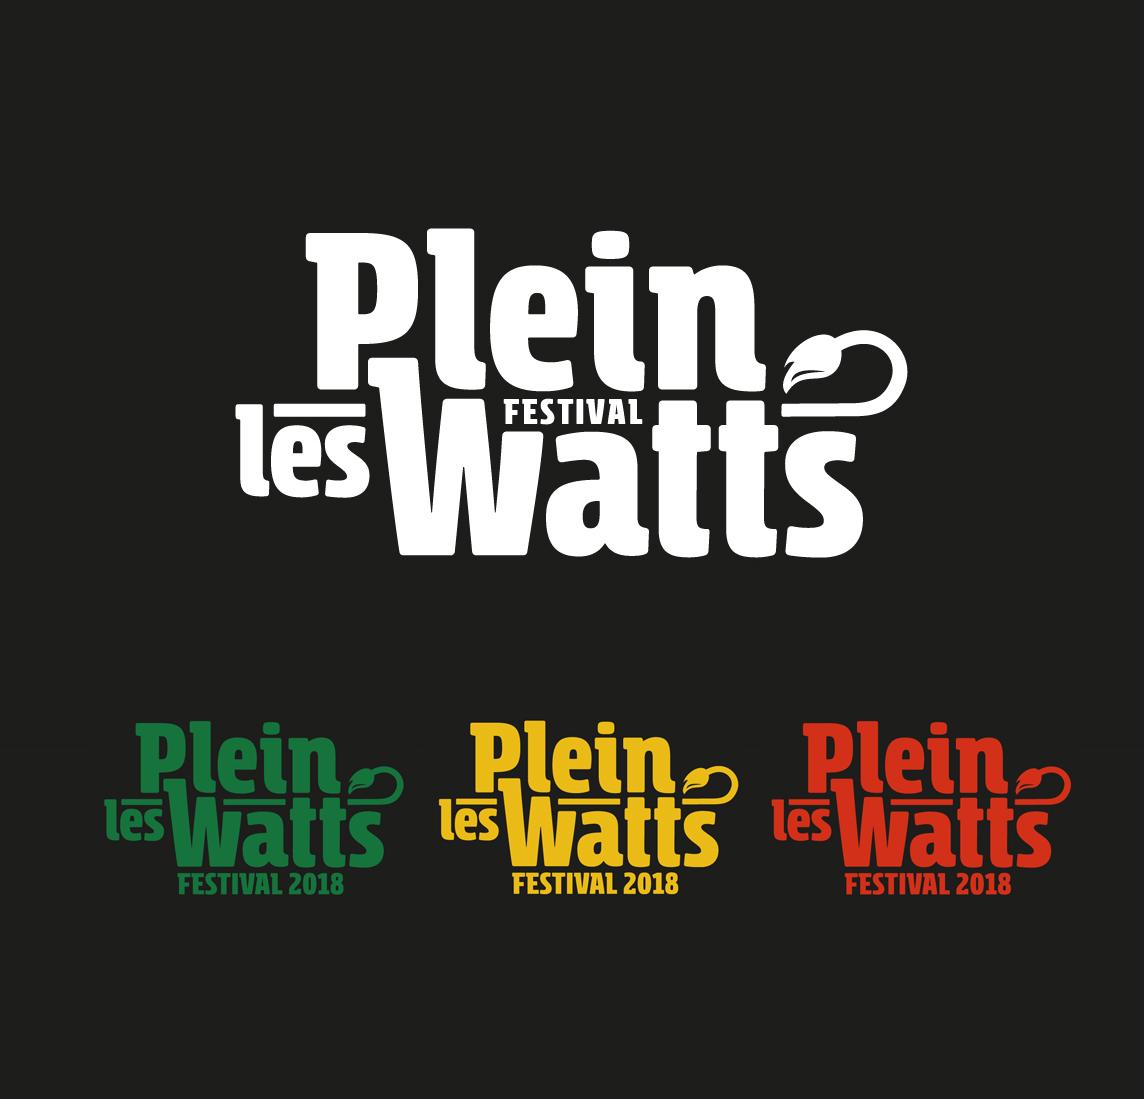 Communication, Plein Les Watts Festival, Graphisme, Graphiste, Création graphique, Agence de communication, Atelier Graphique, Genève